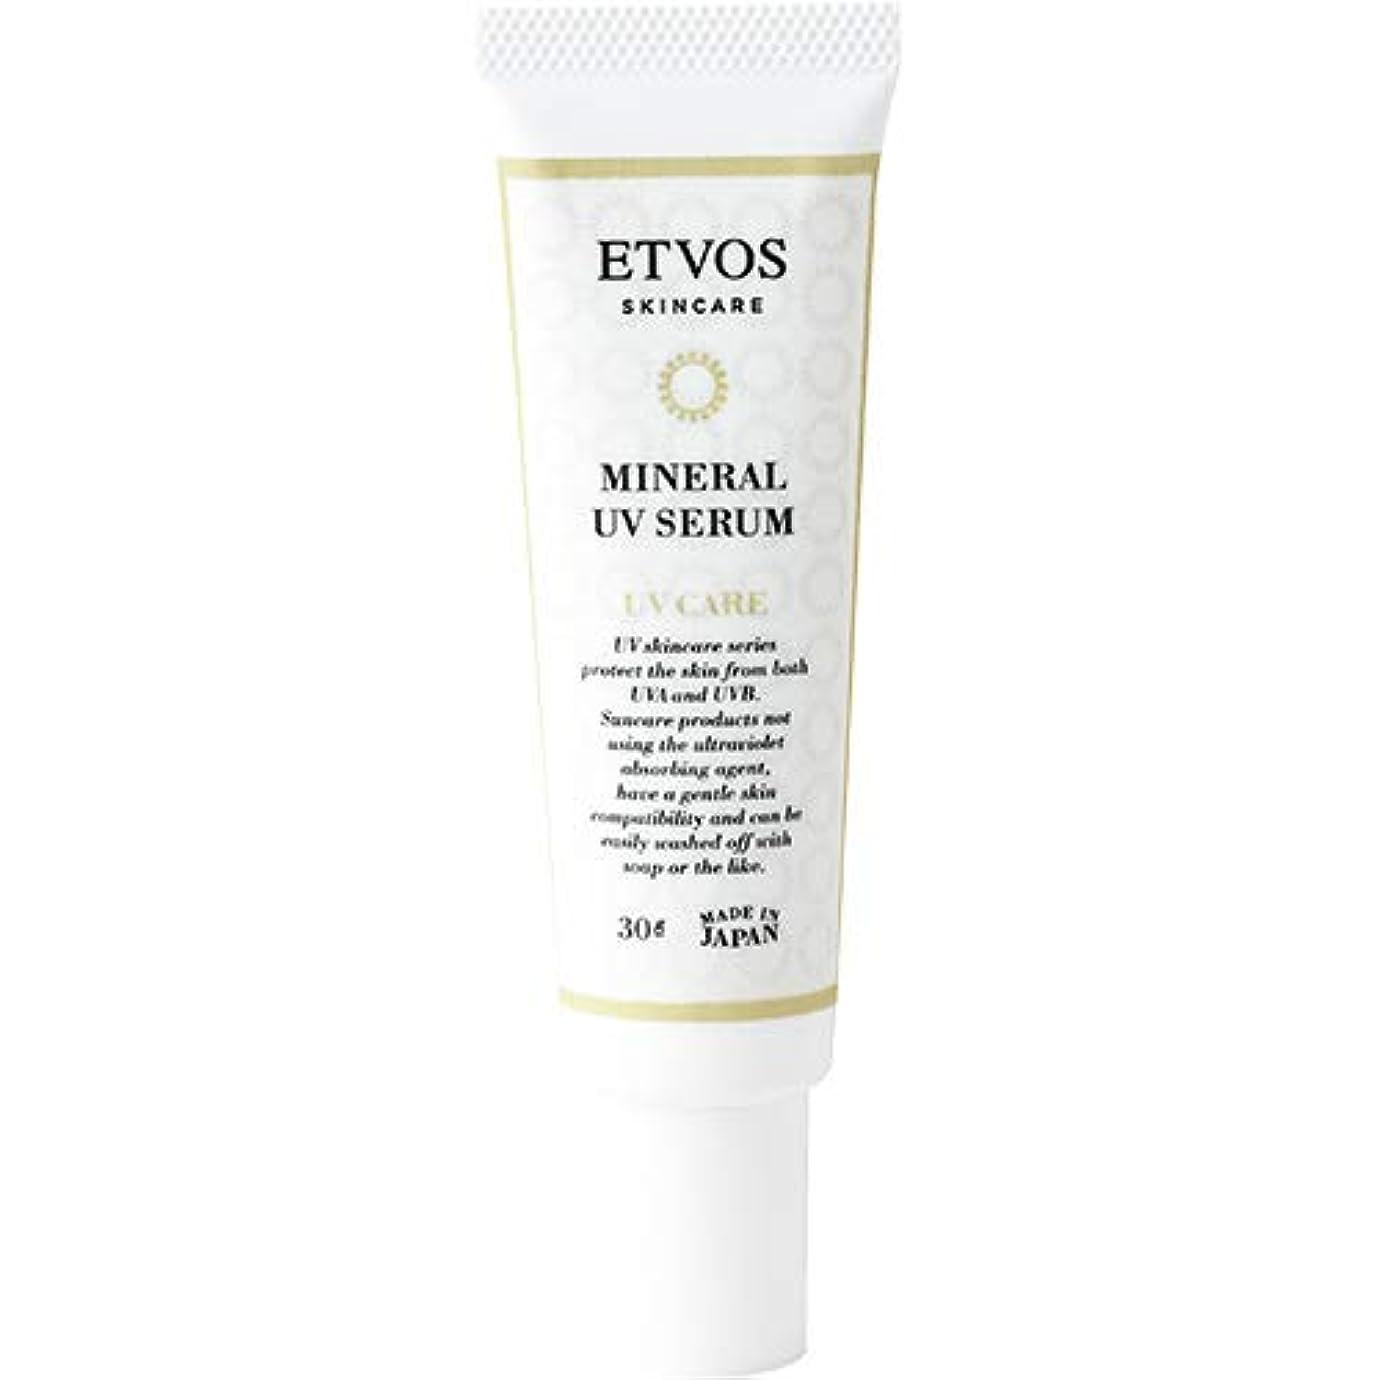 スティックコマース主要なETVOS(エトヴォス) 日焼け止め美容液 ミネラルUVセラム SPF35/PA+++ 30g 化粧下地 紫外線吸収剤不使用